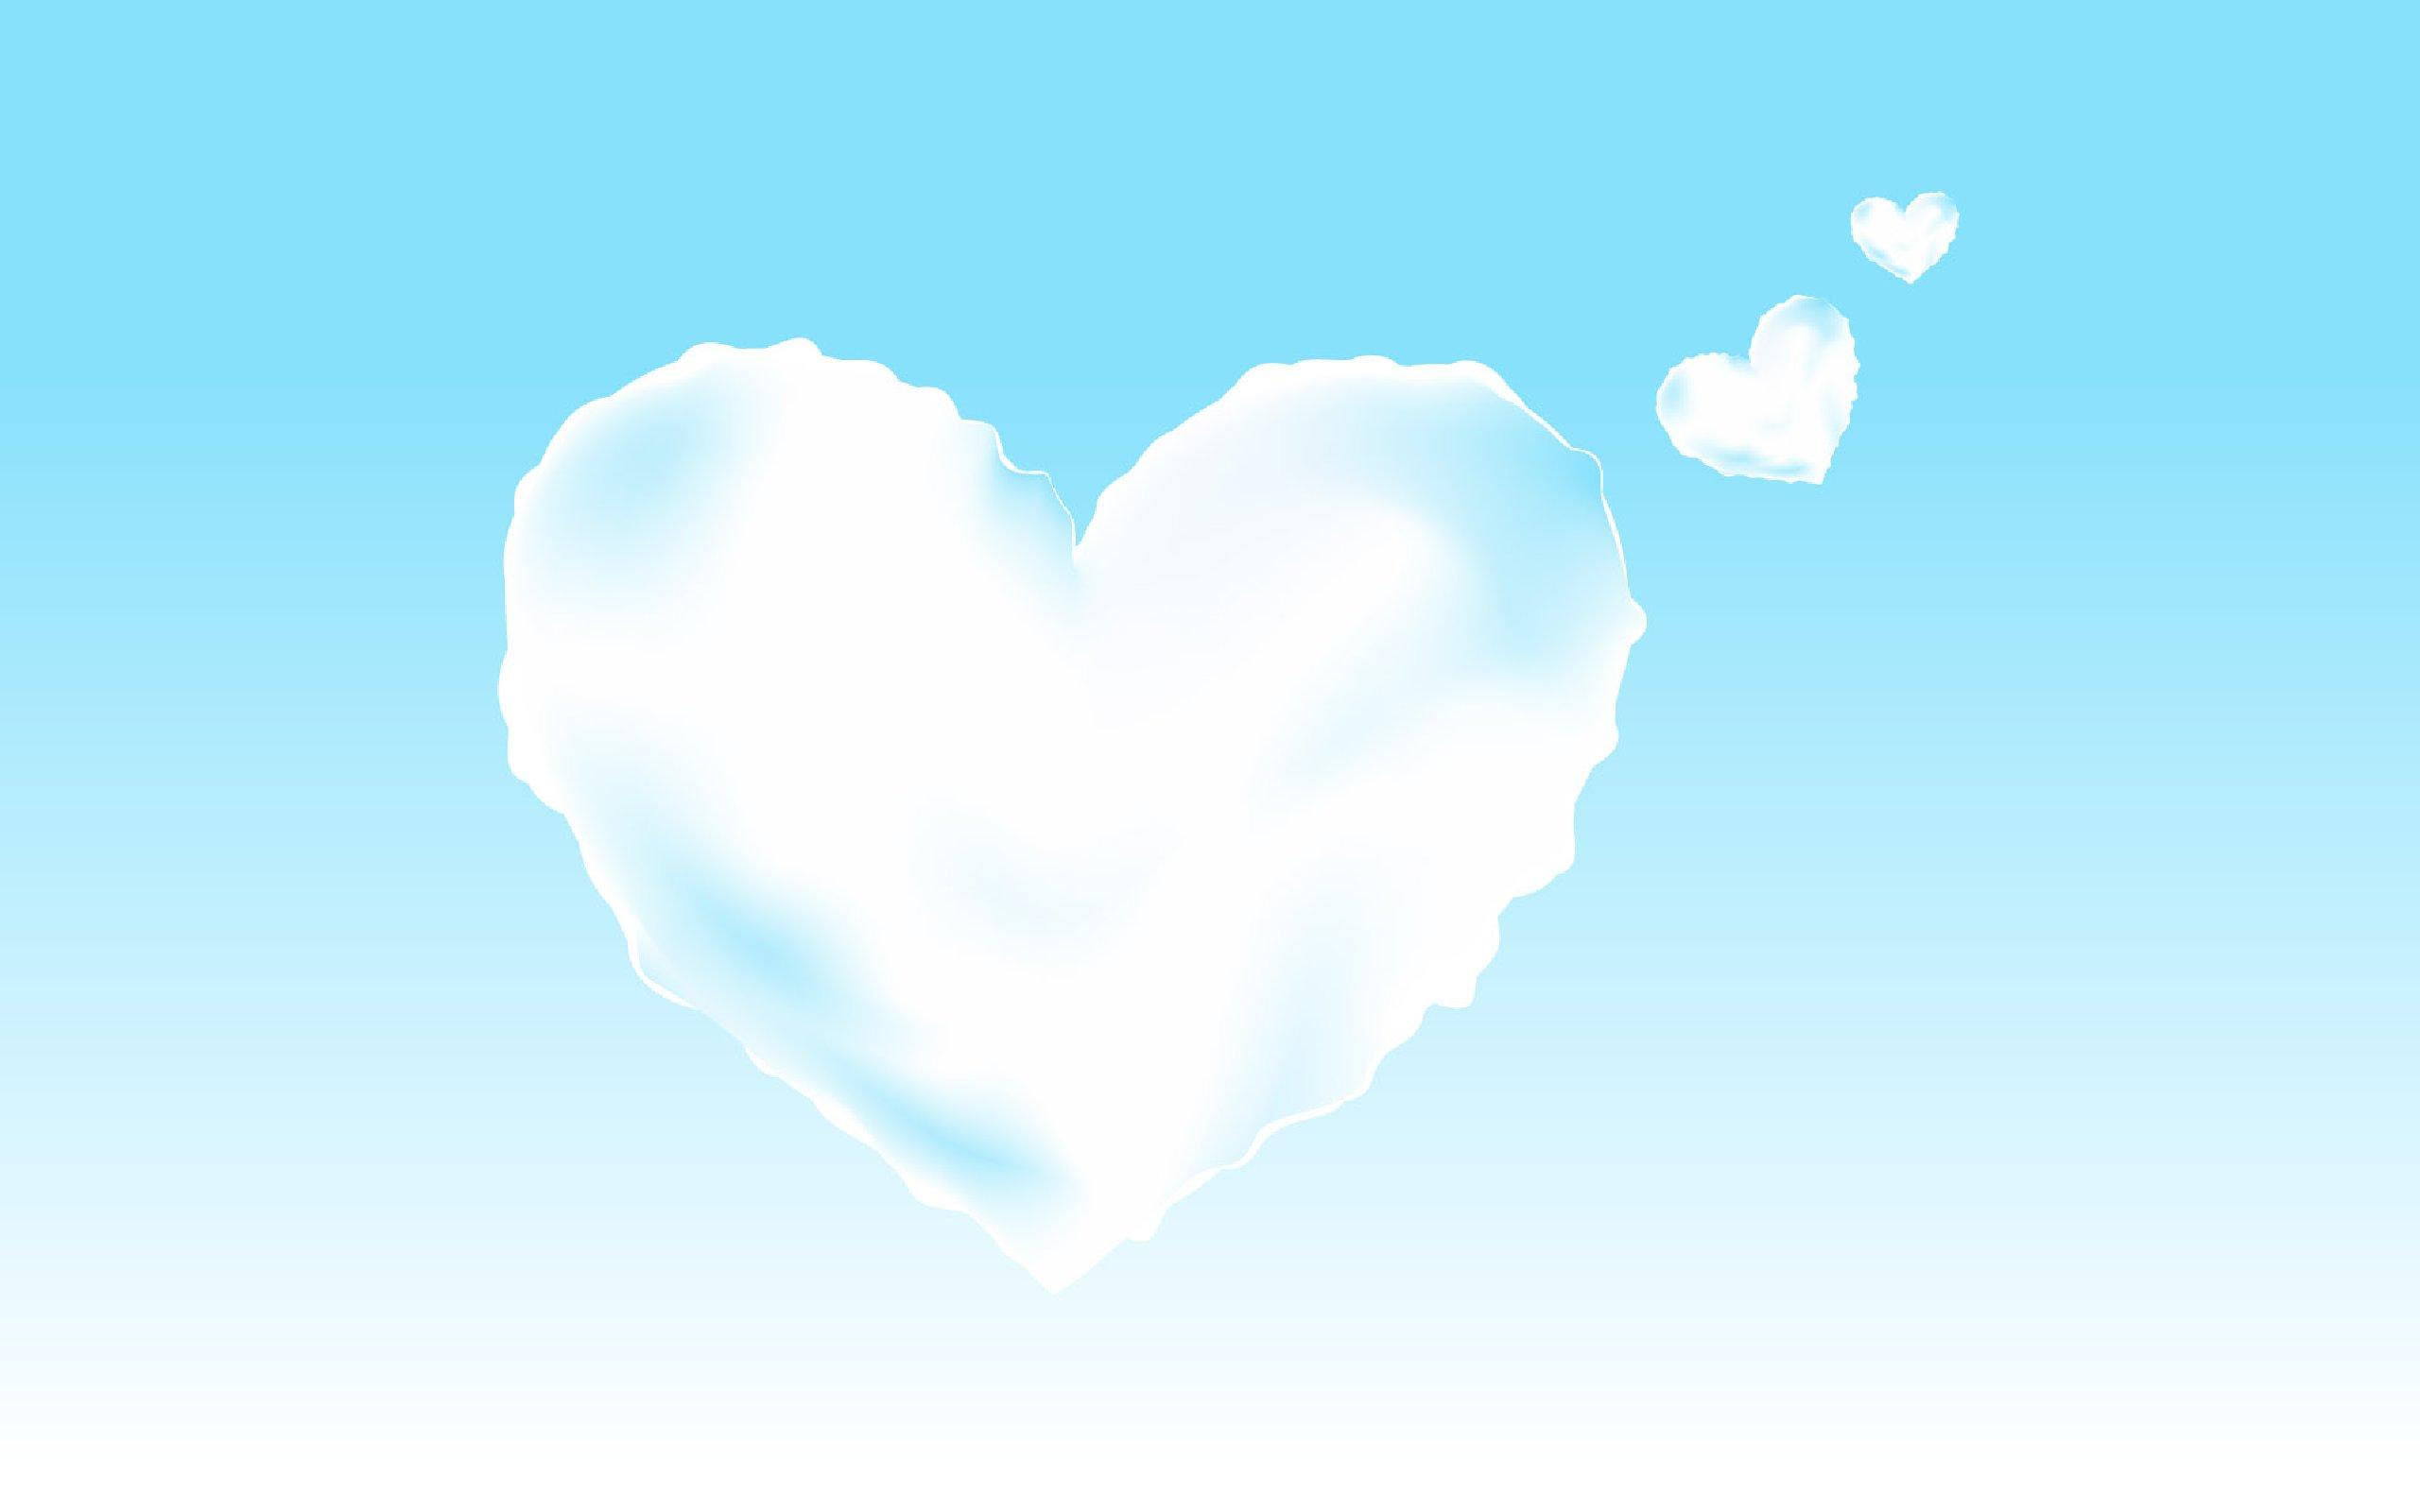 Облака в виде сердечек - обои для рабочего стола.